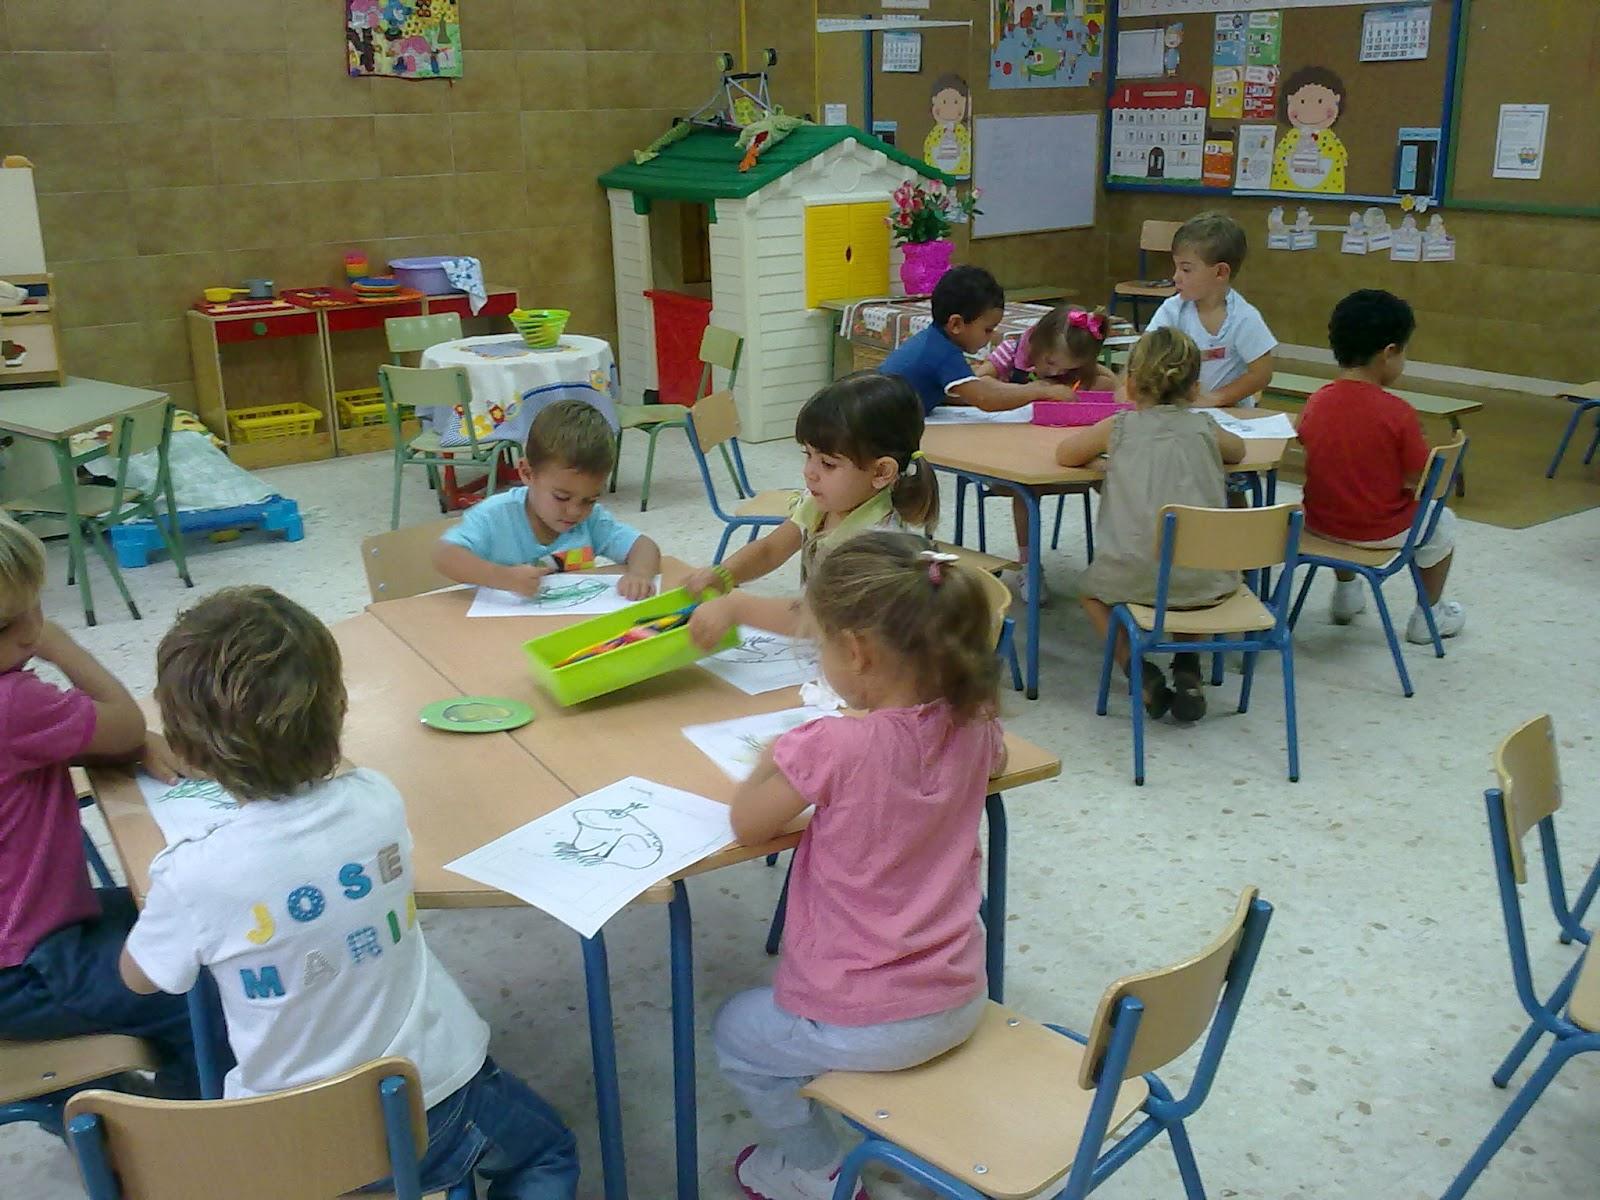 Aventura diminuta bienvenidos al cole el periodo de for Actividades recreativas en el salon de clases